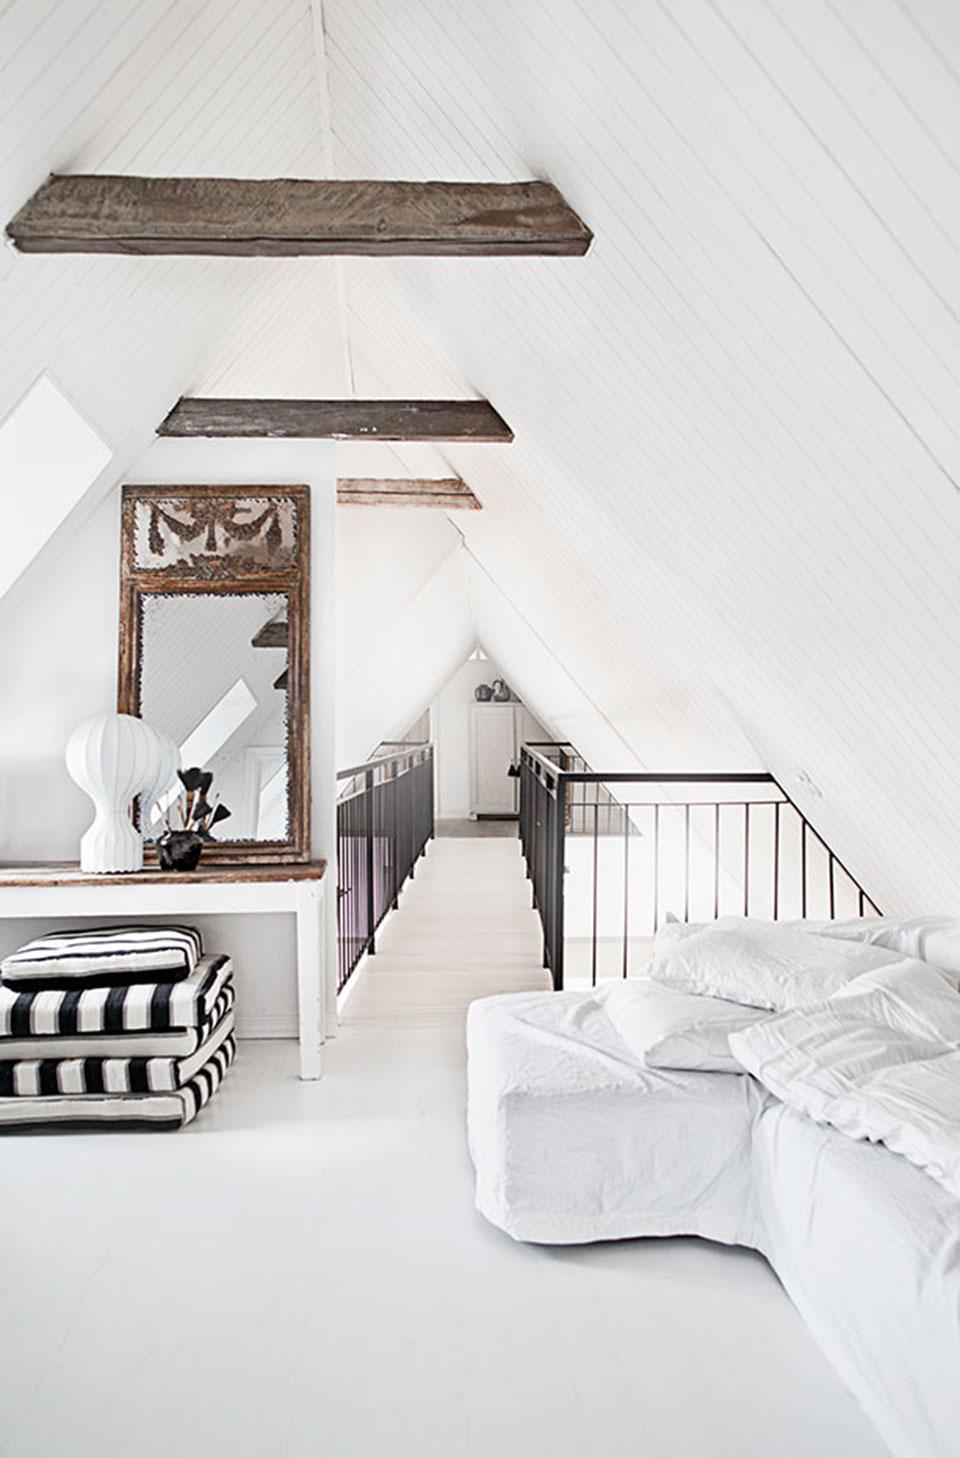 paredes brancas-moveis-aconchego-industrial-luminárias- tapetes-decoração9